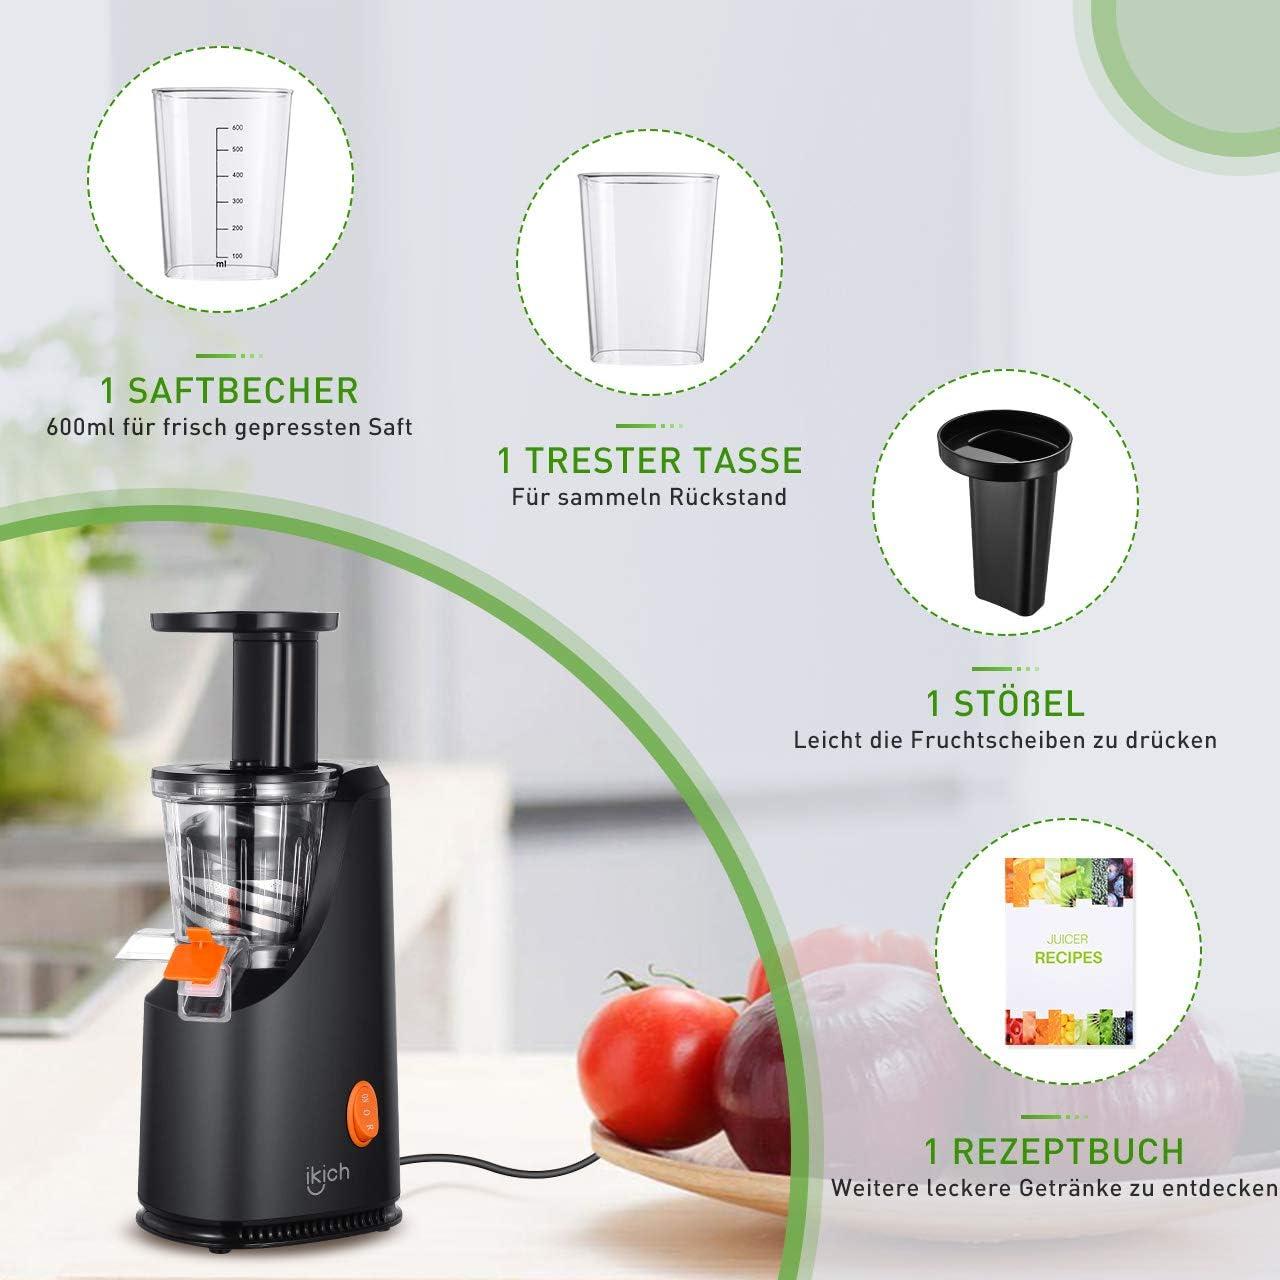 Slow Juicer IKICH Entsafter Kalt Zitruspresse Höherer Saftertrag Maximaler Nährwert Frischere Nährstoffe und Vitamine für Obst und Gemüse 1 Saftbecher